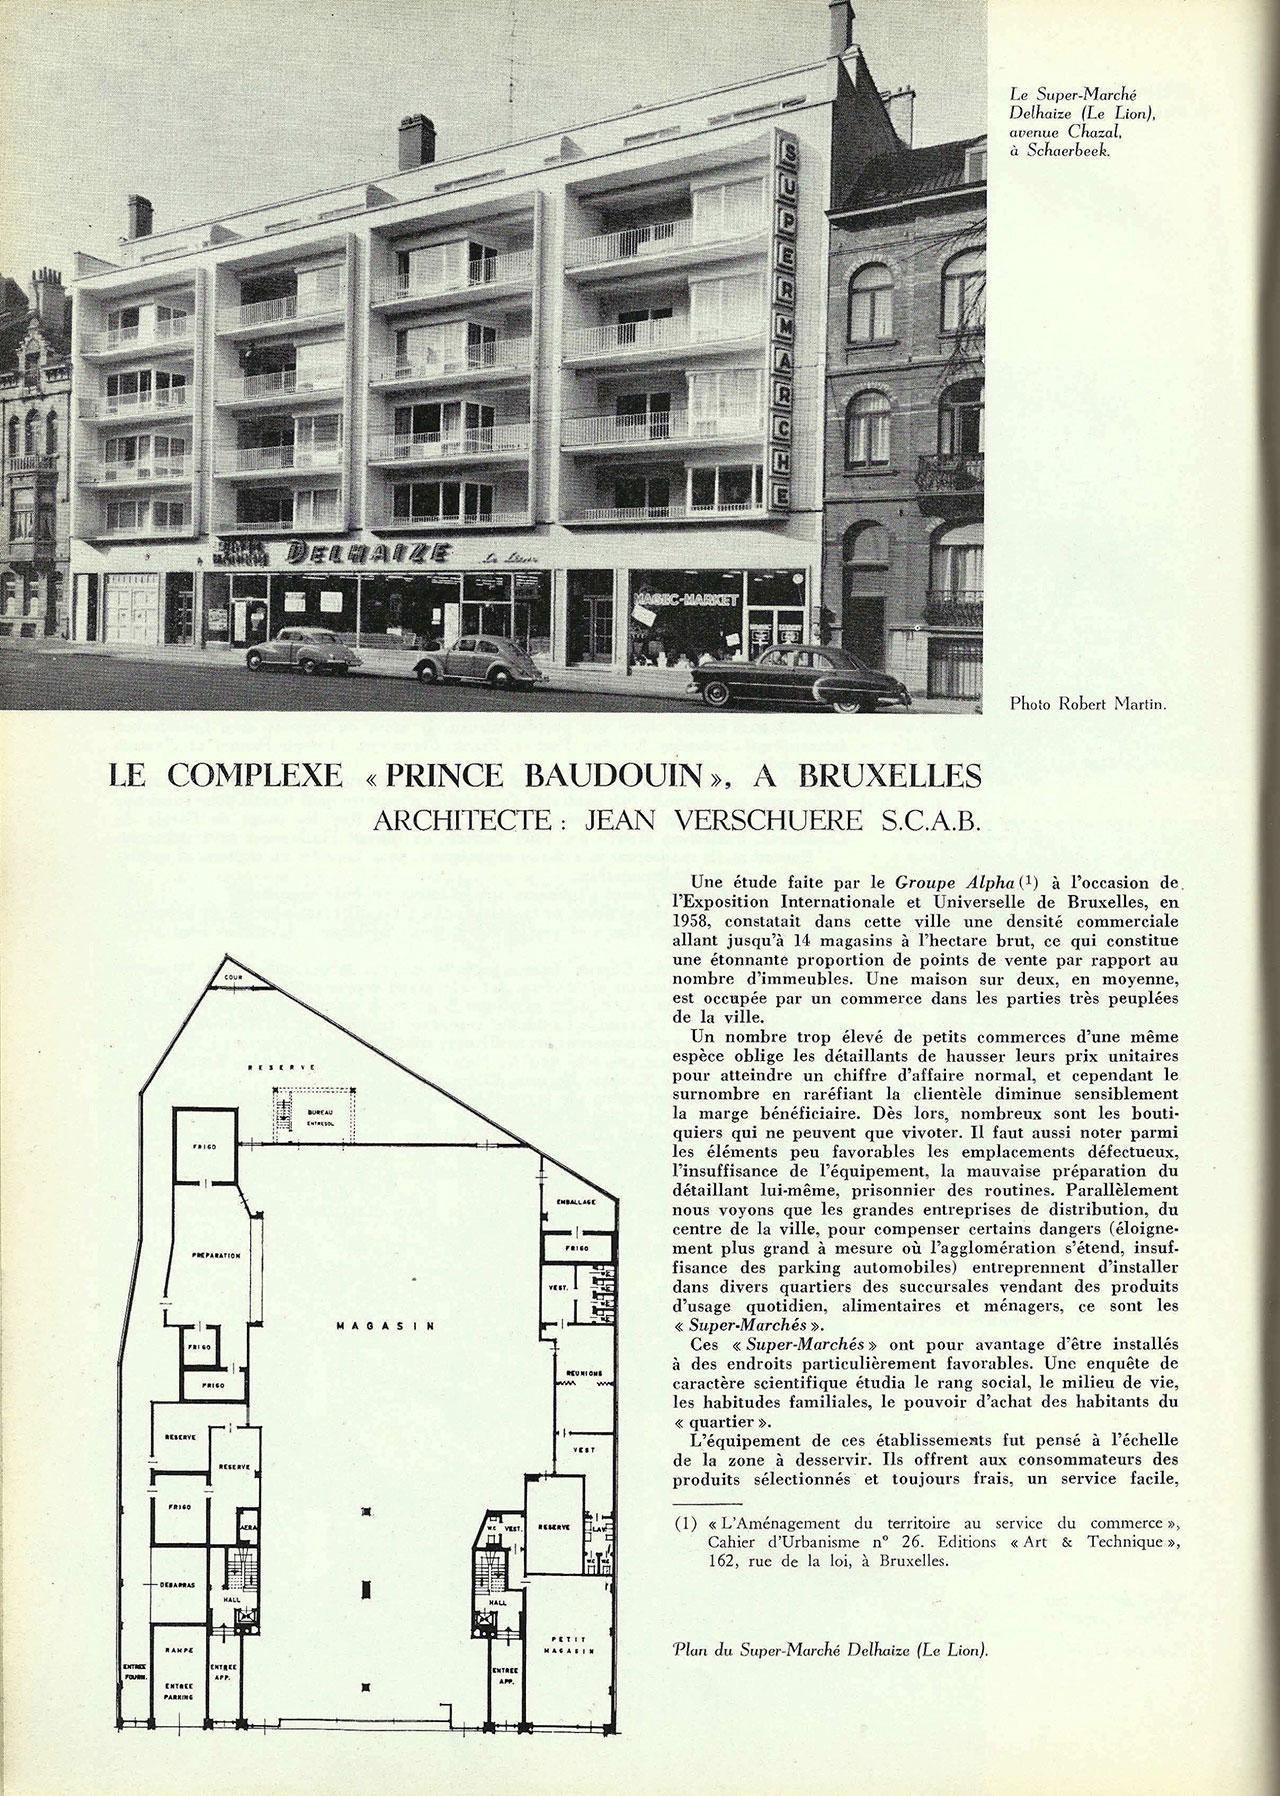 Le complexe « Prince Baudouin » à Bruxelles